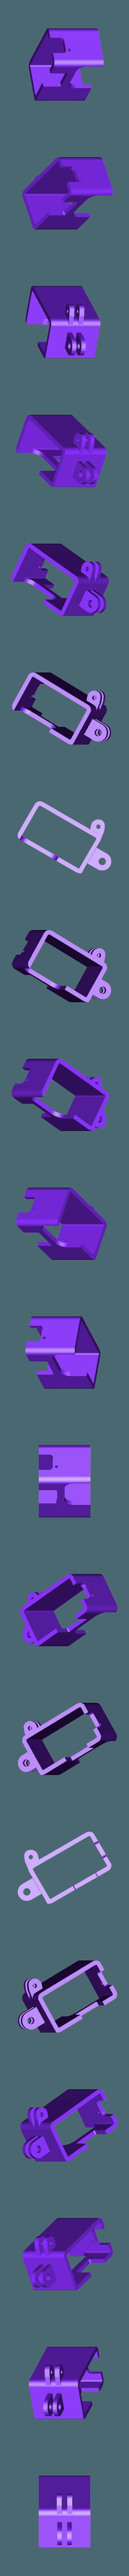 Gopro_Hero5_6_7_Sleeve.stl Télécharger fichier STL gratuit Cadre du quadriporteur Exorcist Racing (nouveau modèle) • Design pour impression 3D, DuckyRC